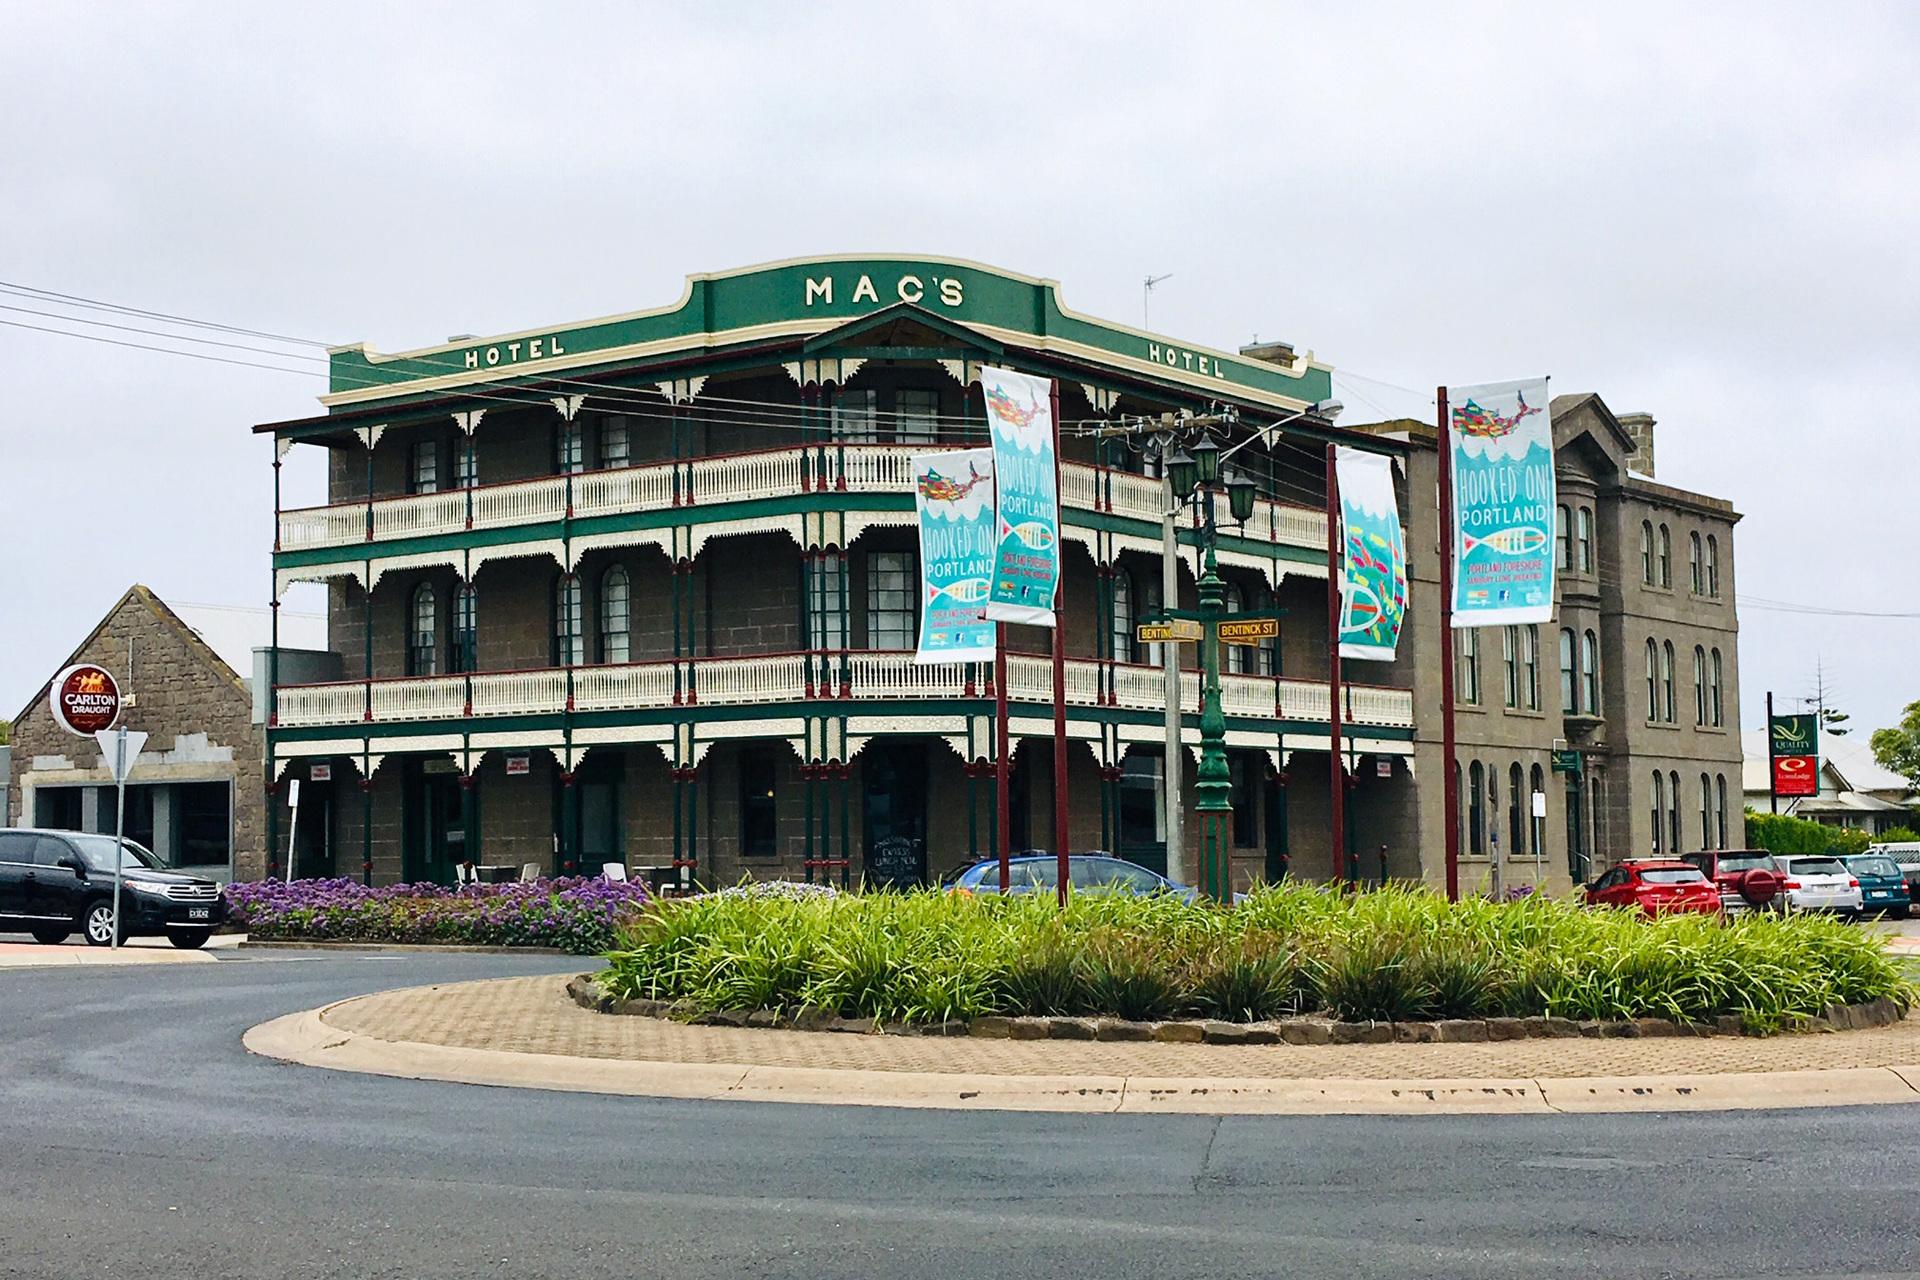 d - Macs Hotel